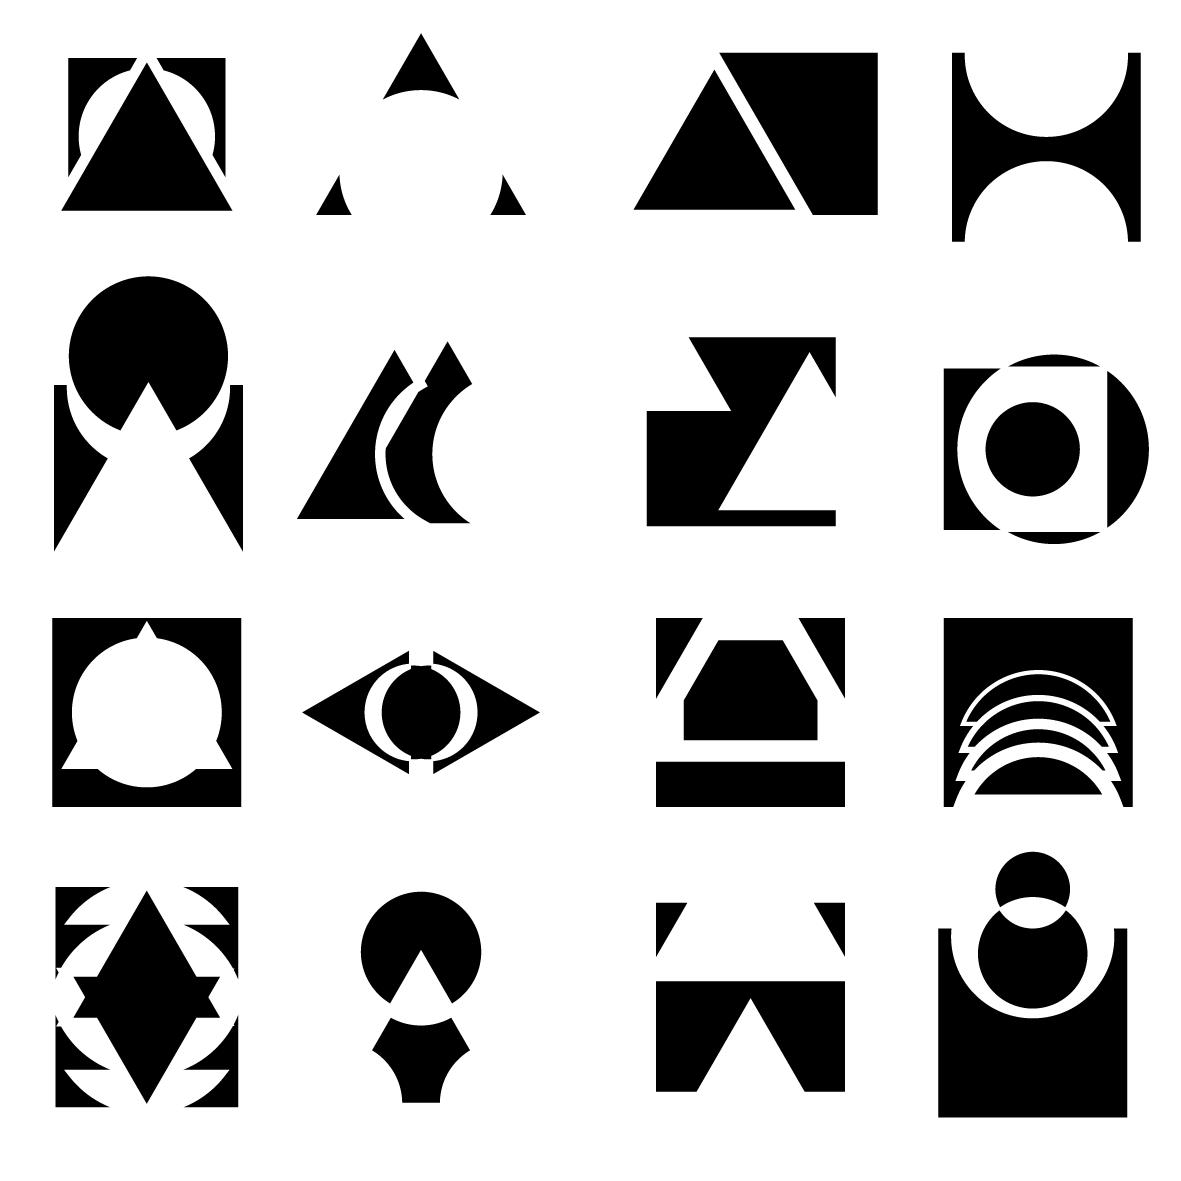 Interaccion De Formas Circulos Triangulo Y Cuadrados Temel Sanat Cizilecek Seyler Eskiz